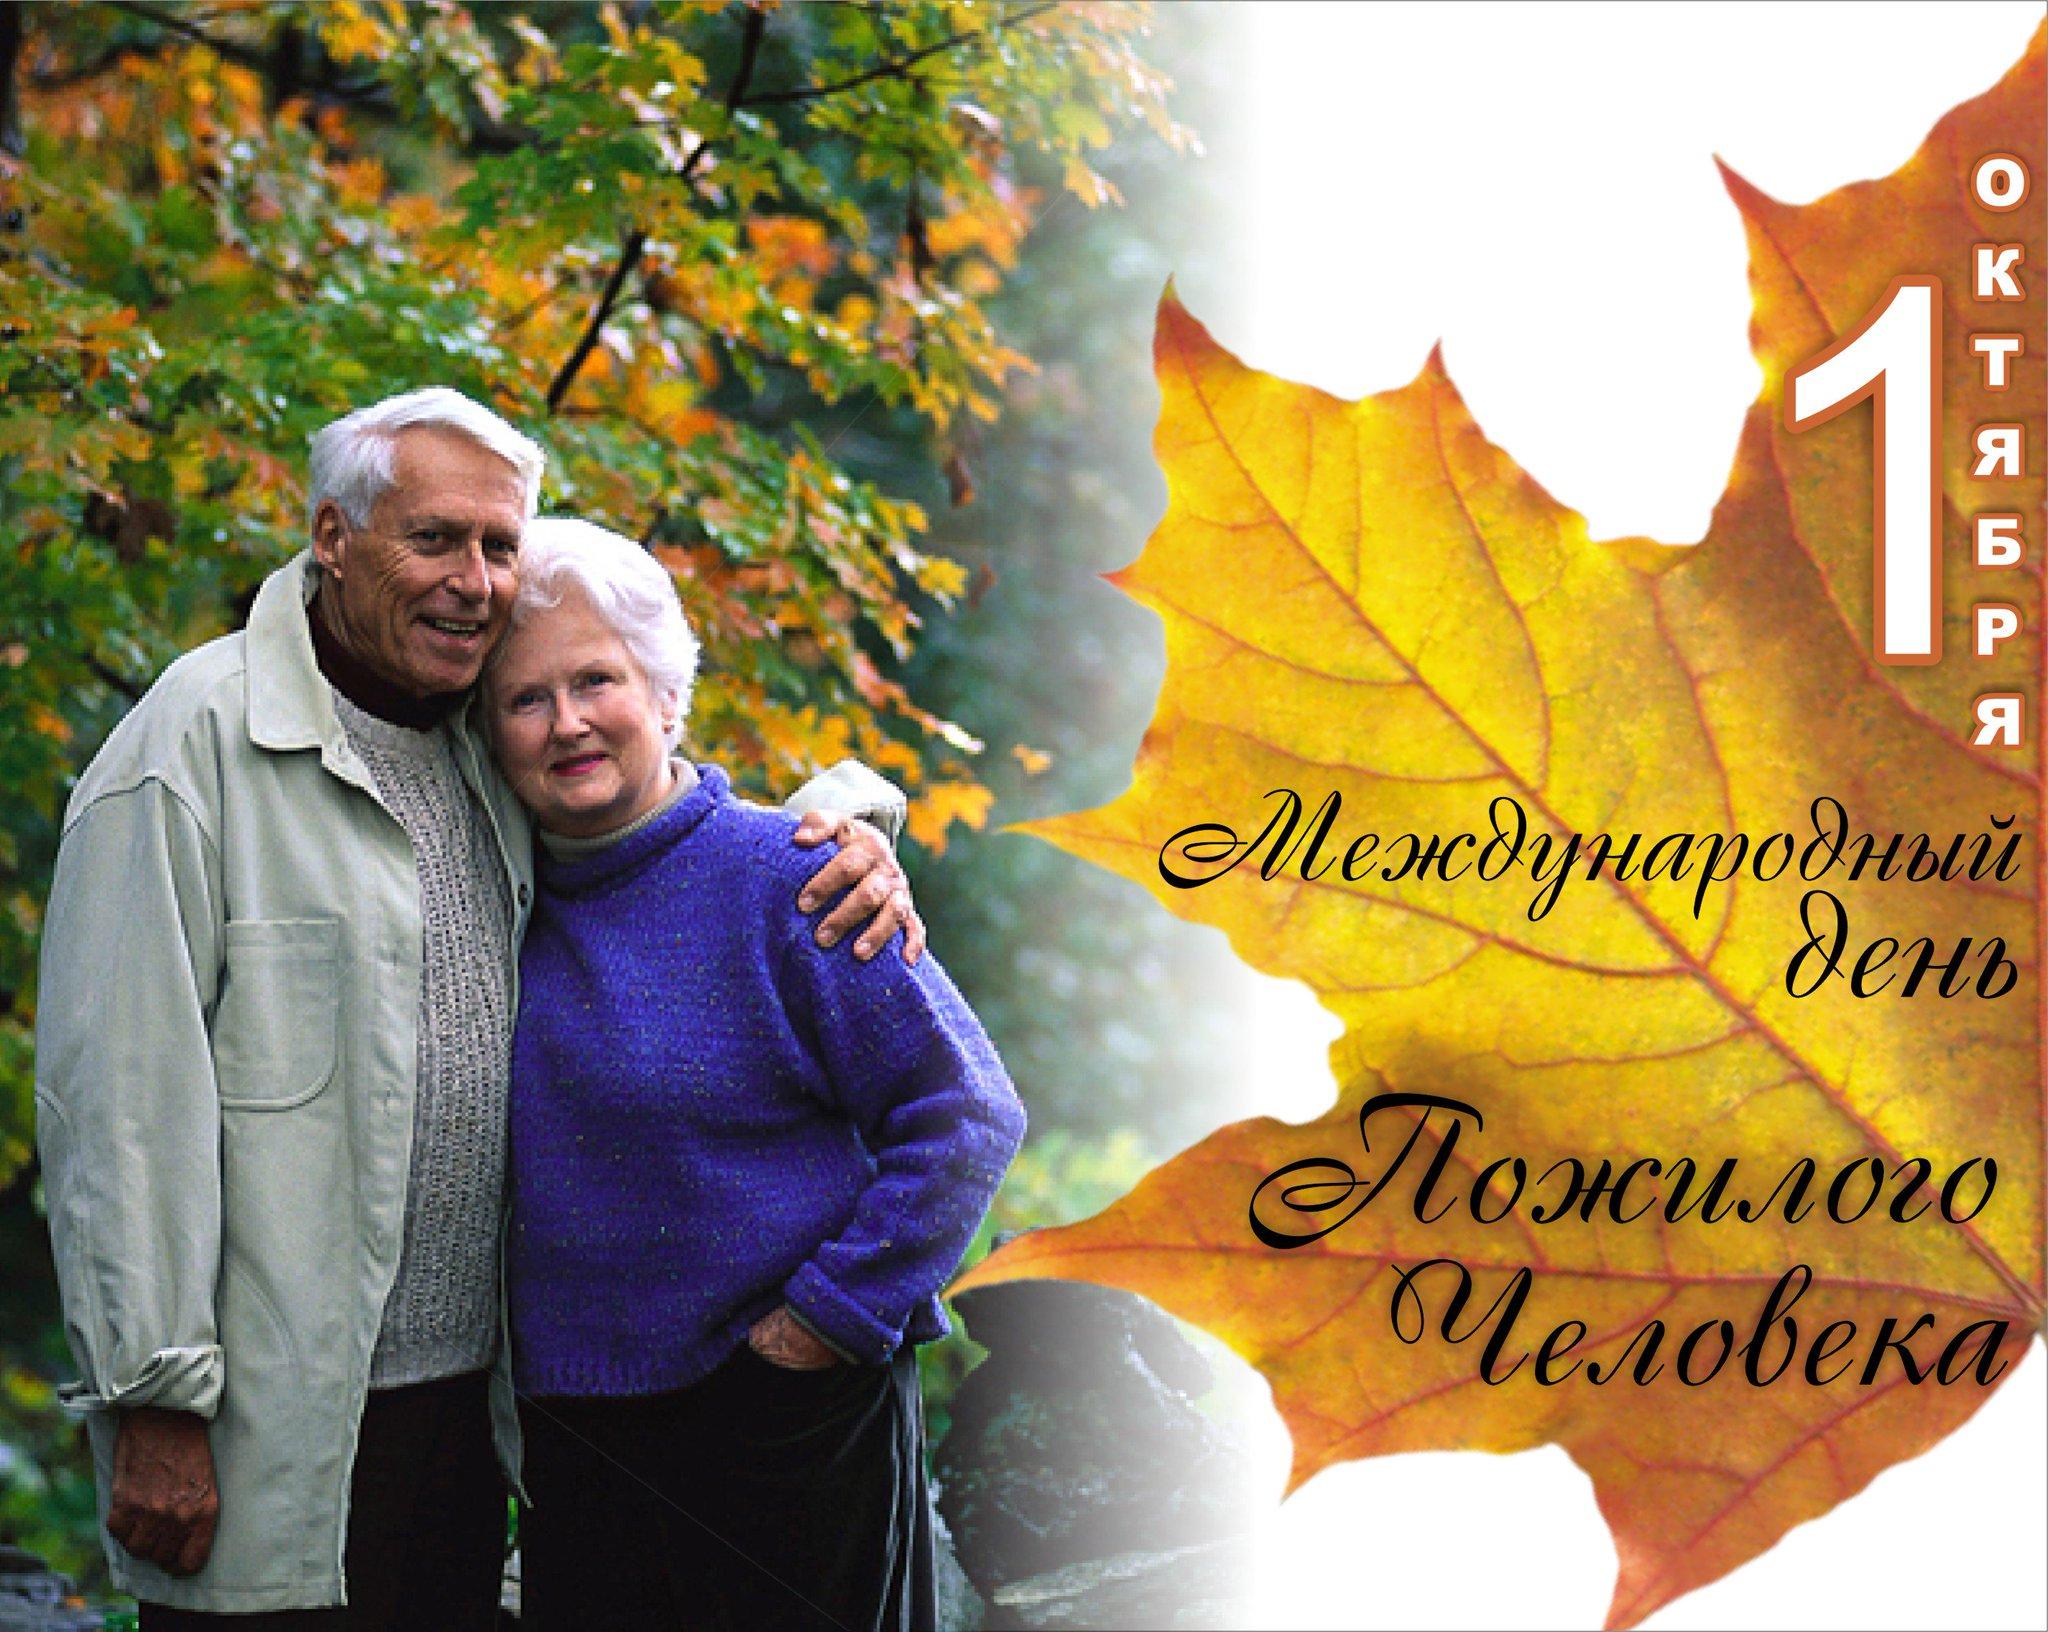 Онлайн, видео открытки с днем пожилых людей